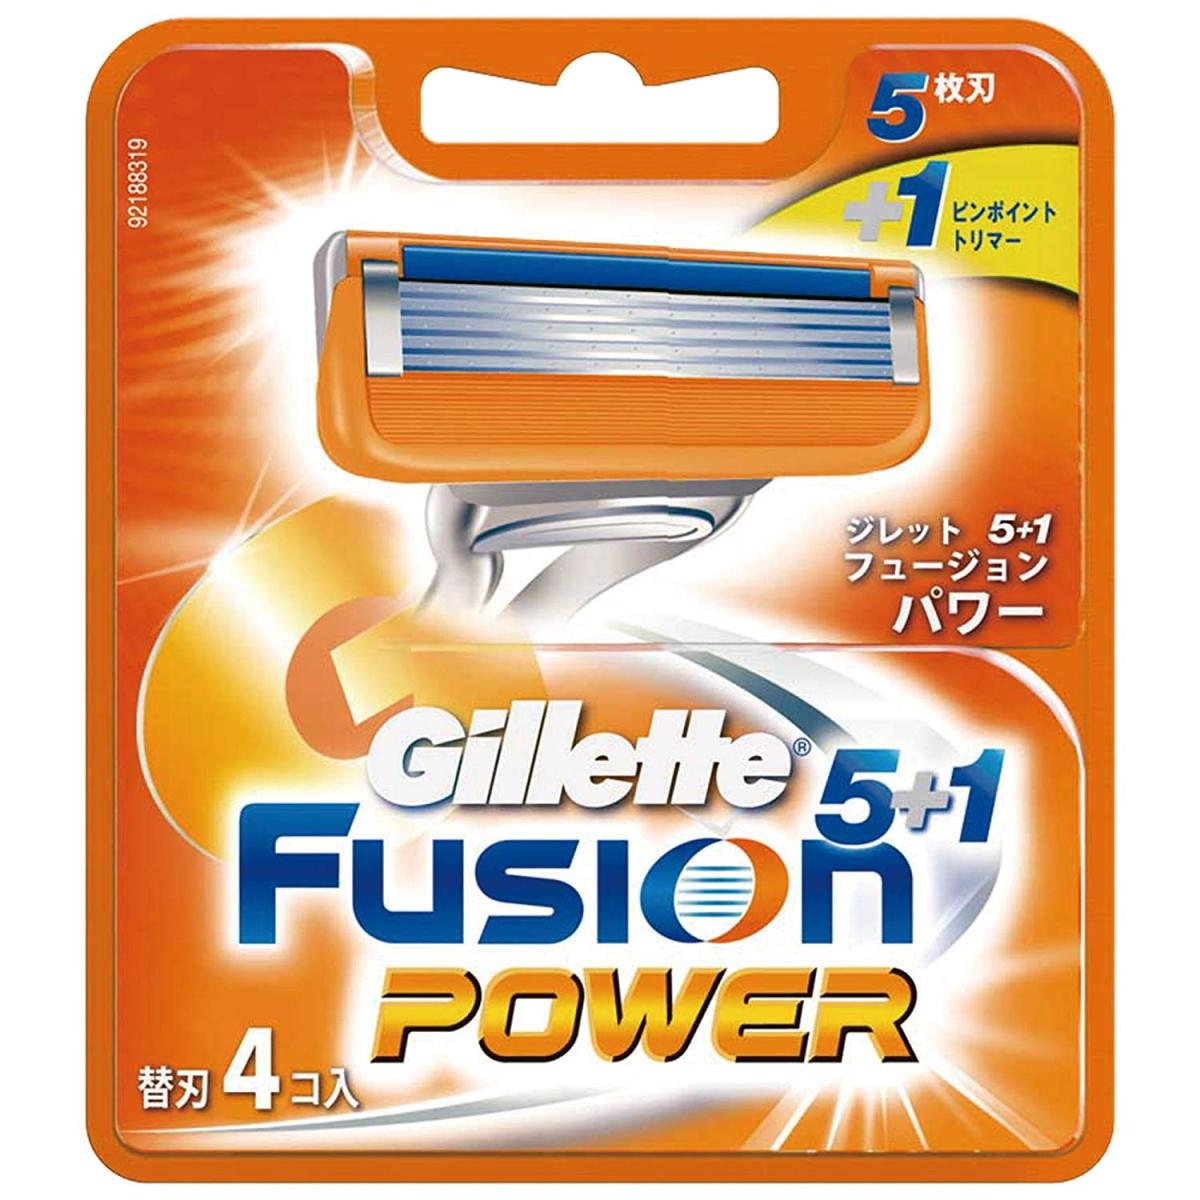 ジレット フュージョン5+1パワー 替刃4B 4コ入 メール便可 4902430698887 お求めやすく価格改定 超定番